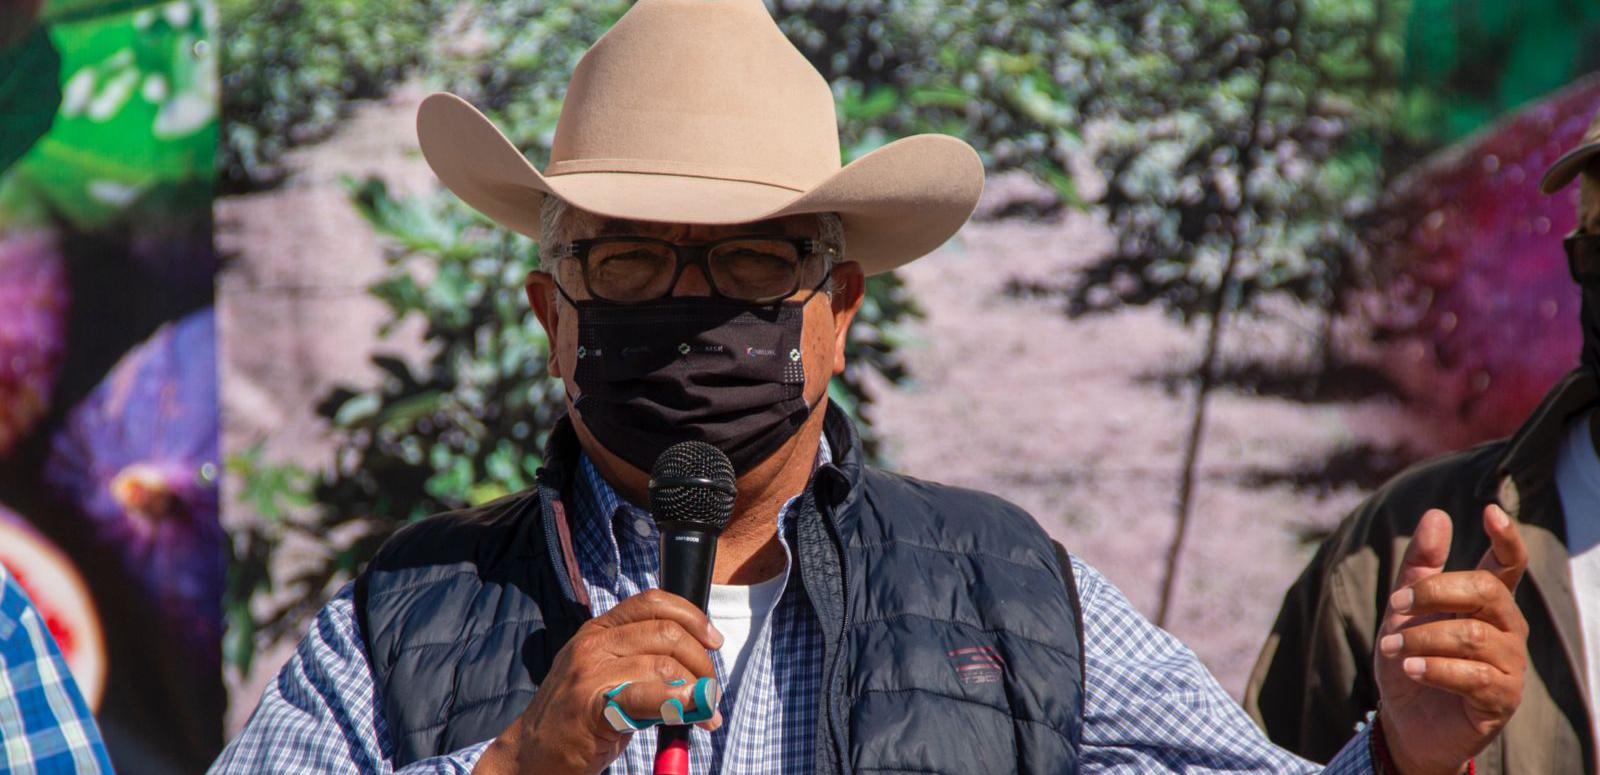 CAPACITA COAHUILA A PRODUCTORES PARA MAYOR DESARROLLO EN HUERTAS DE HIGO